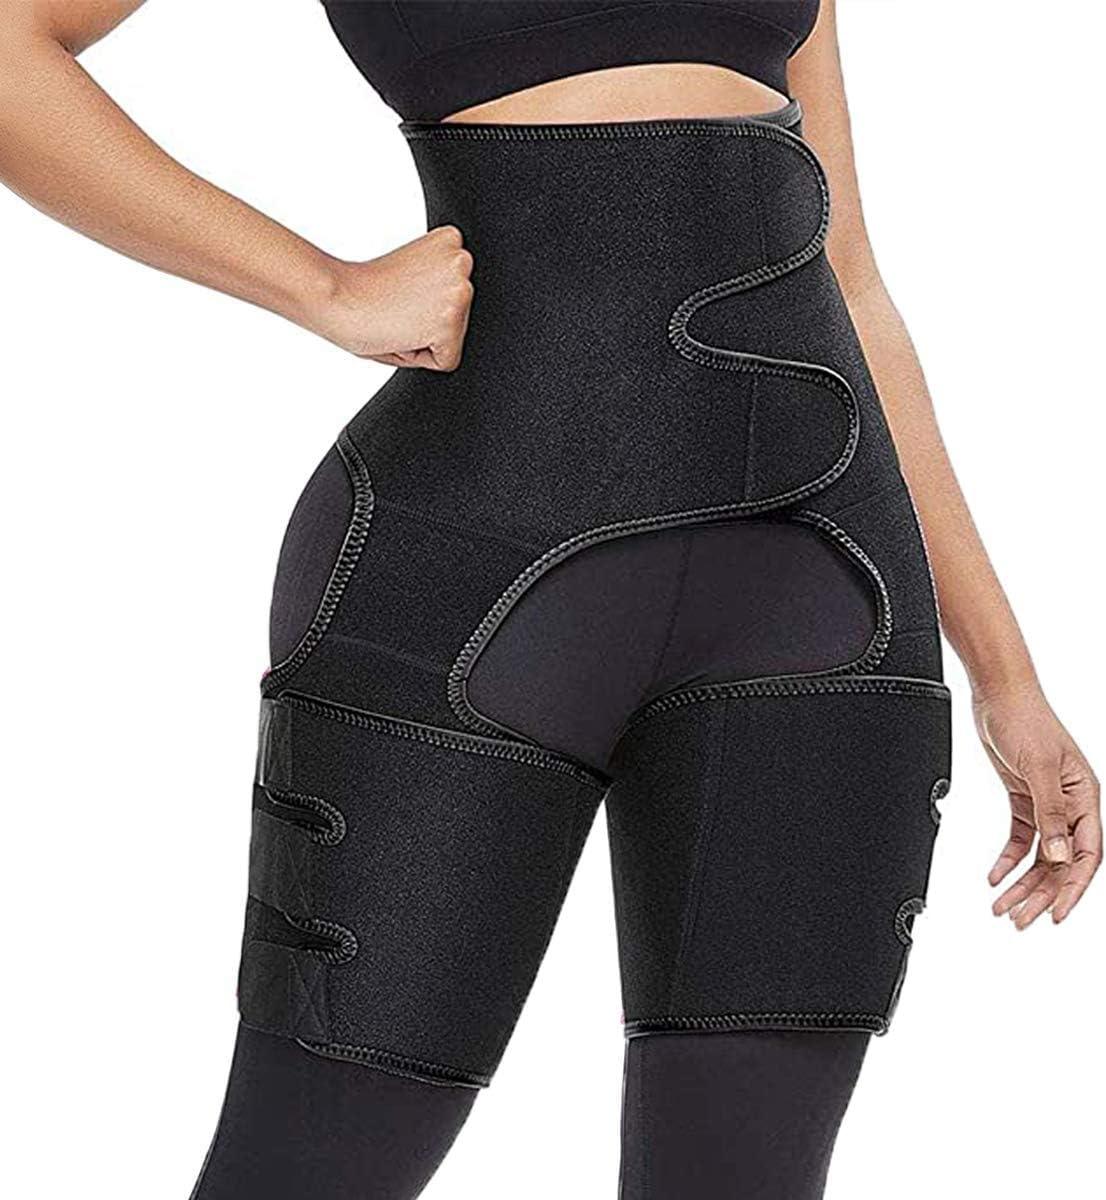 Everbeauty 2020 Waist Trimmer for Women Weight Loss Hip Enhancer Invisible Lift Butt Lifter Body Shaper EYD002